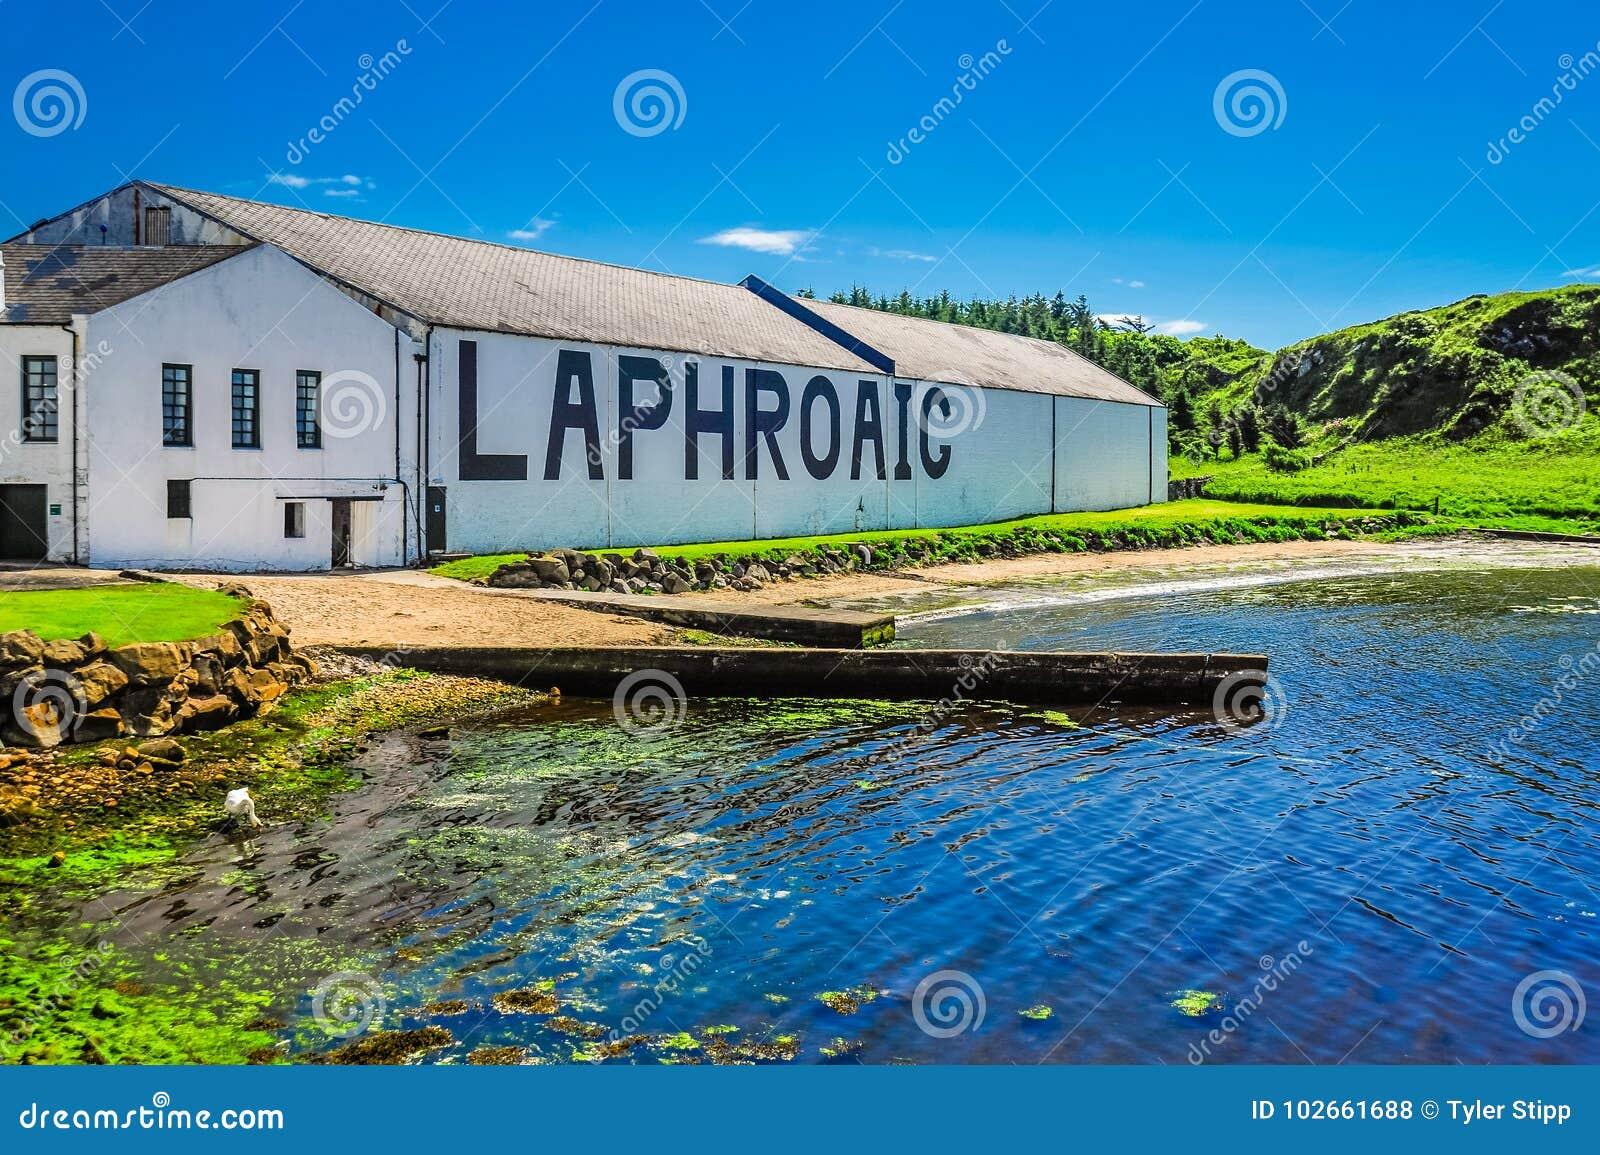 Η οινοπνευματοποιία Laphroaig